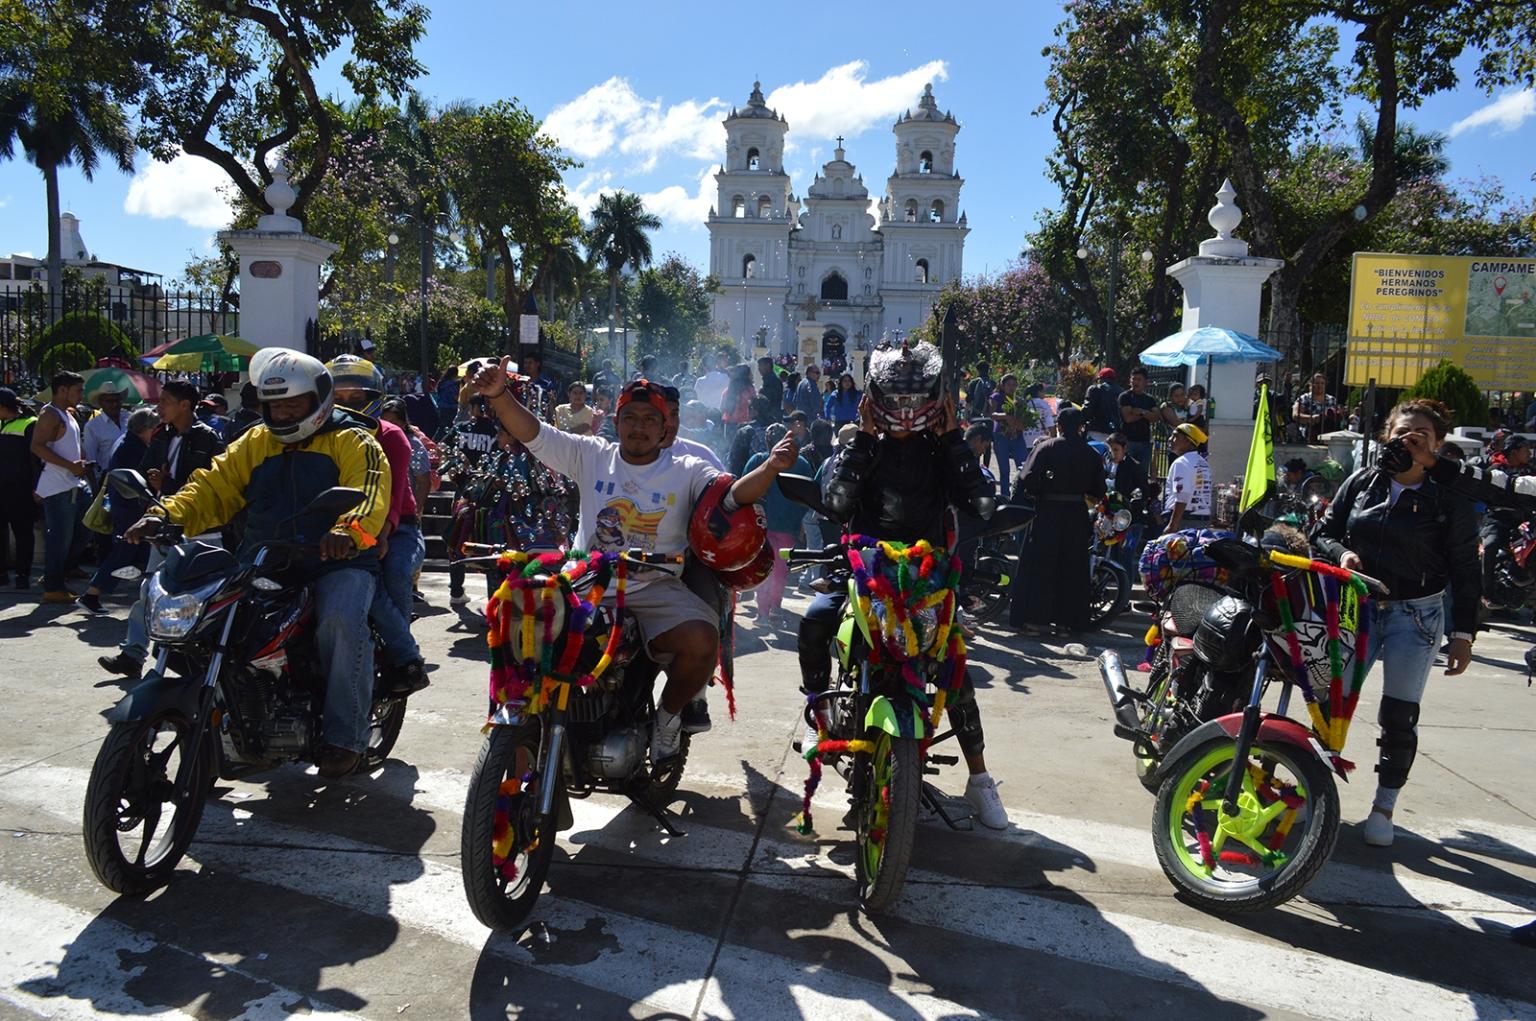 Se tiene previsto que miles de motoristas visiten la Basílica de Esquipulas el 2 de febrero próximo. (Foto Prensa Libre: Mario Morales).